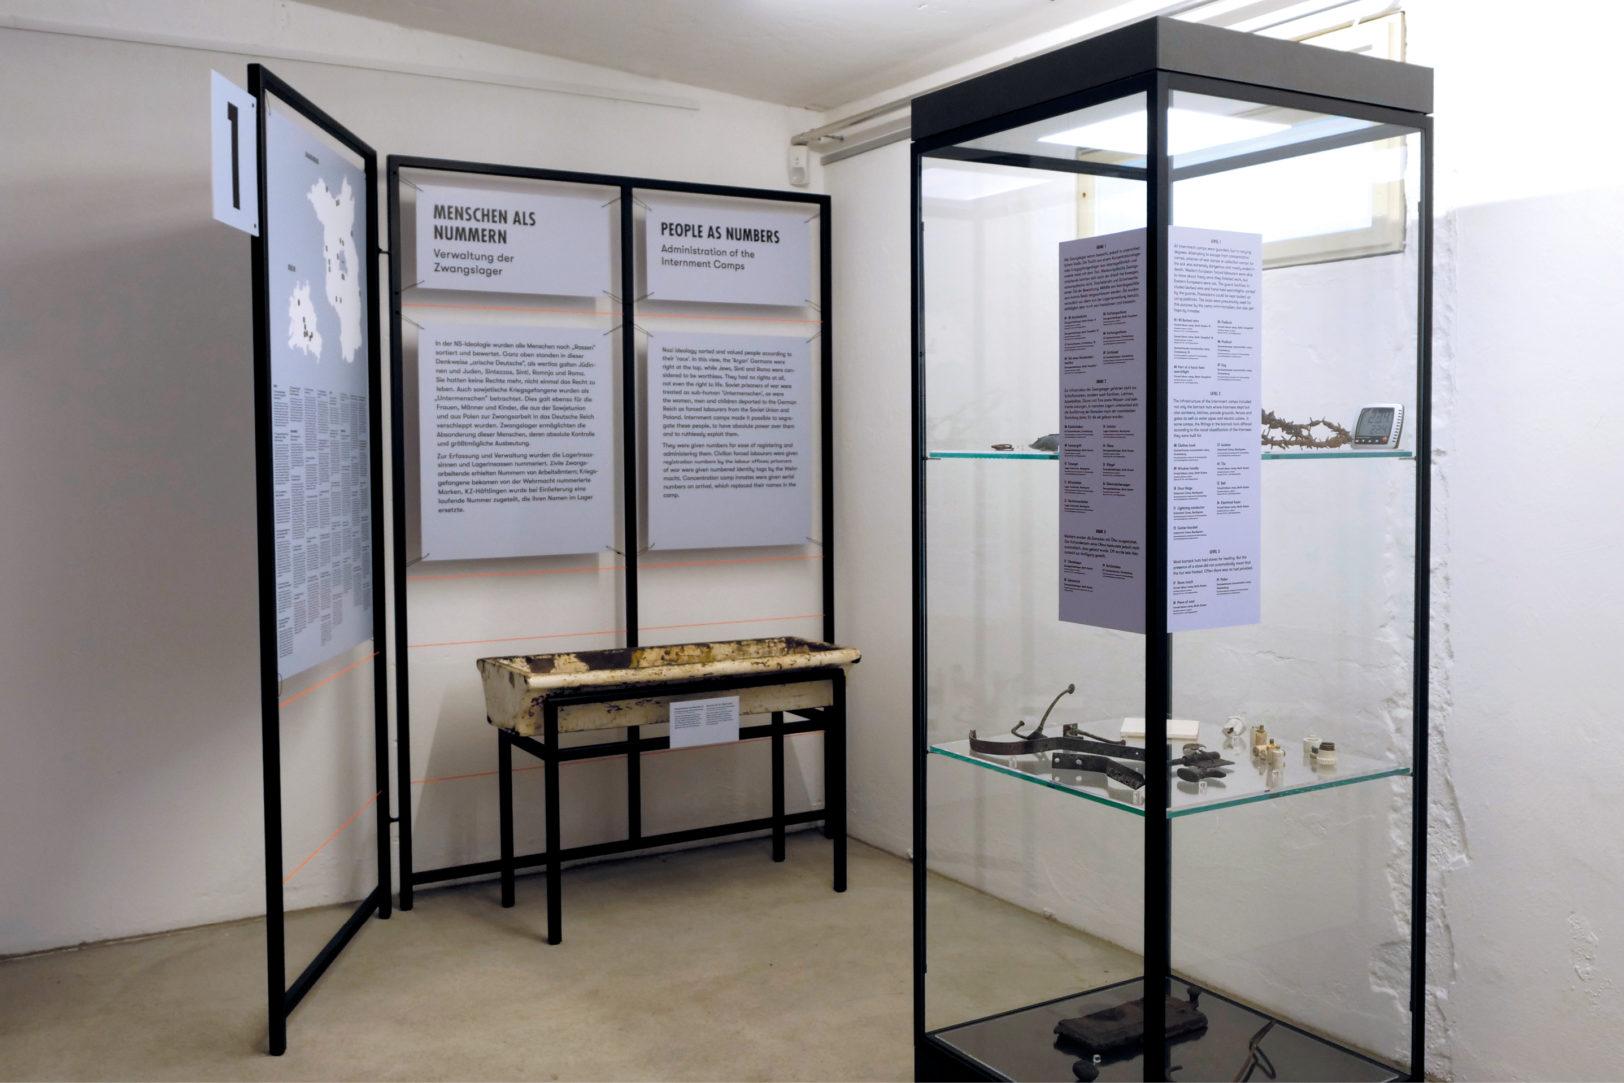 http://e-o-t.de/wordpress/wp-content/uploads/2020/04/Exhibition-Ausgeschlossen-eot-2.jpg